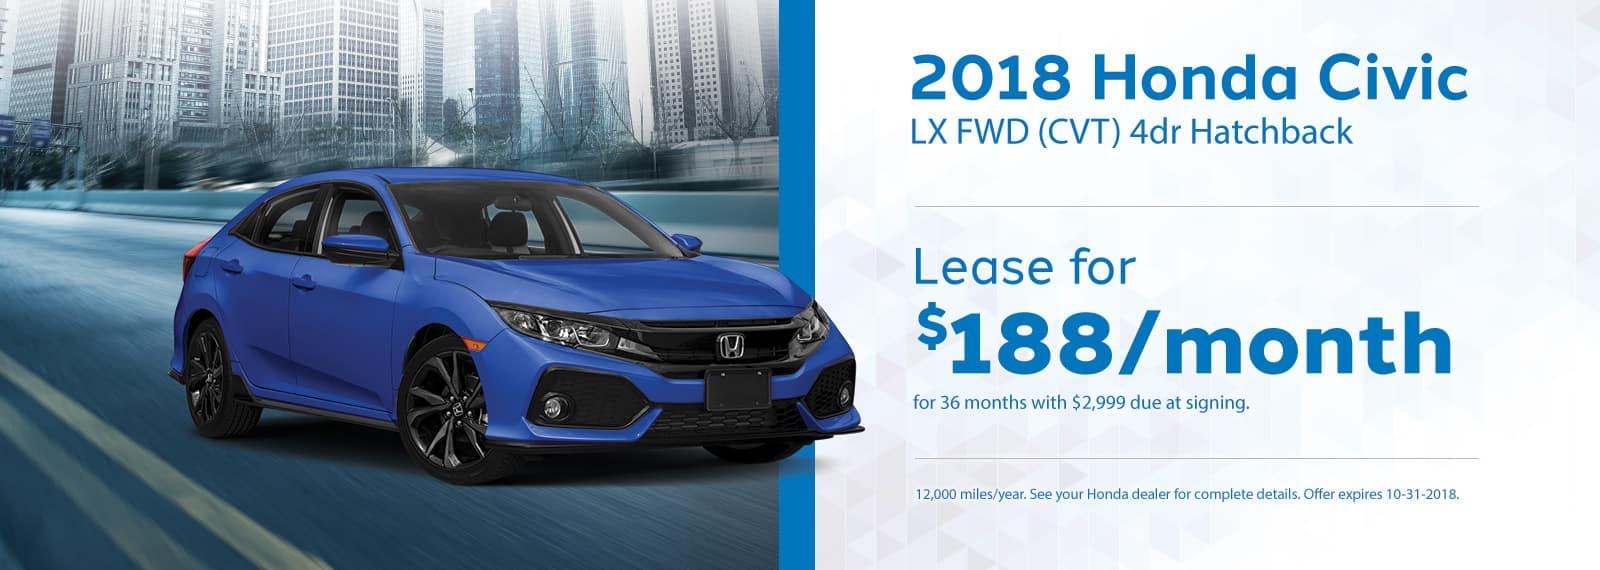 Civic Hatchback Genthe Honda Lease Offer September 2018 Homepage